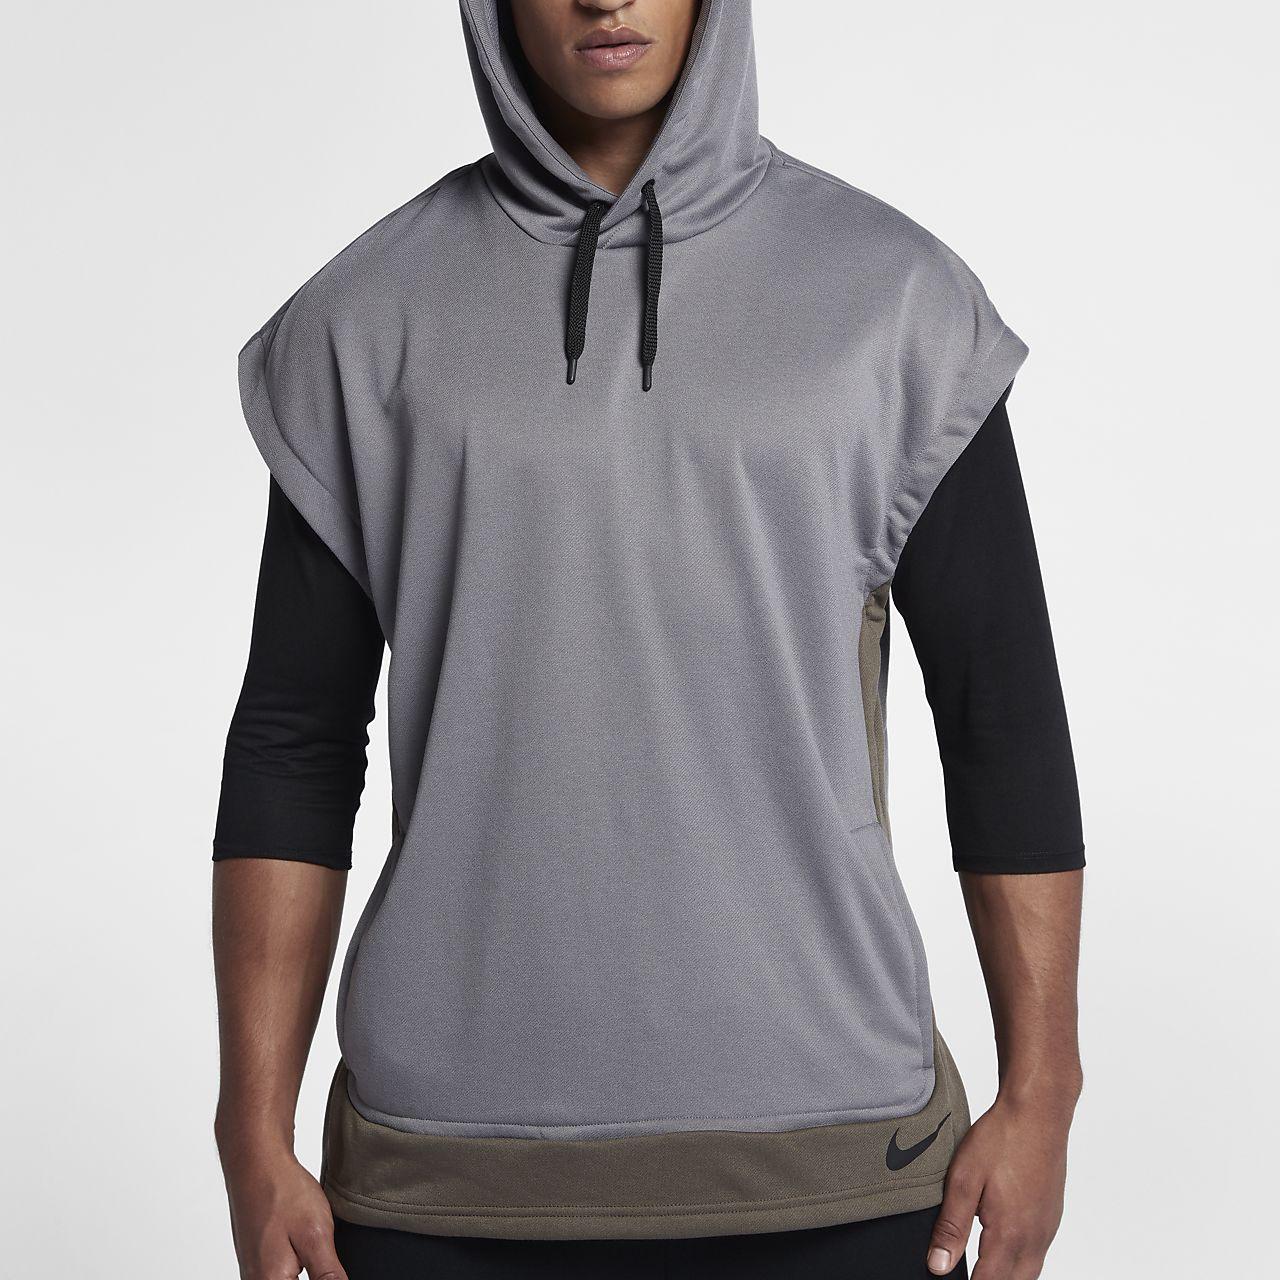 649b18e2f3b8 Nike Dri-FIT Men s Sleeveless Training Hoodie. Nike.com